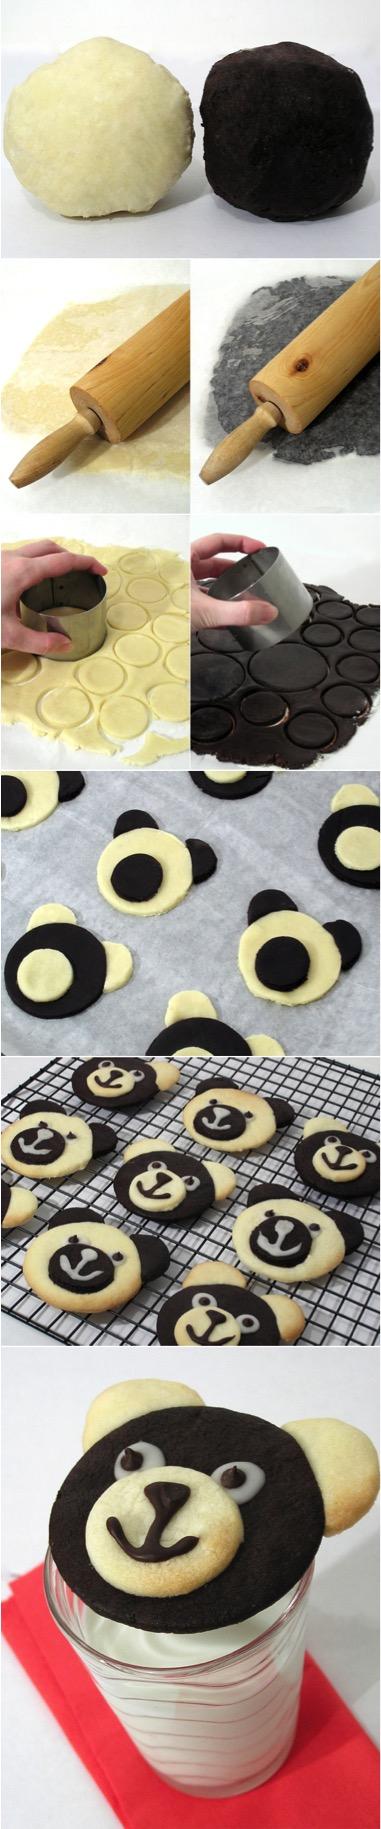 Teddy Bear Cookies- All Created